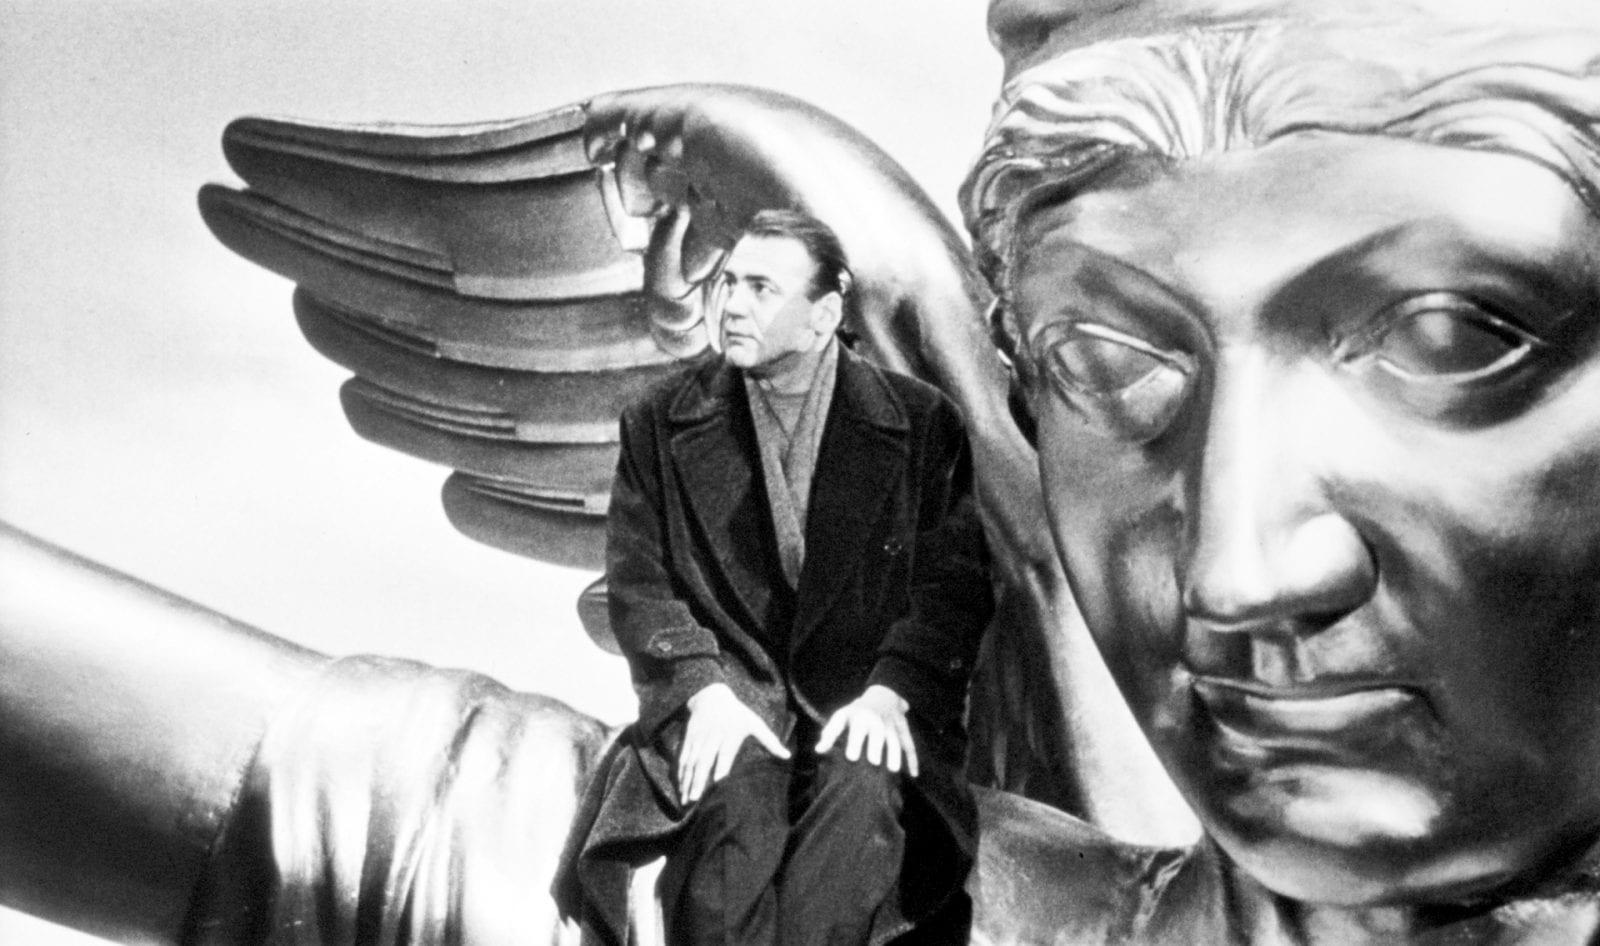 Bruno Ganz, morto a 77 anni l'attore di Pane e Tulipani e Il Cielo Sopra Berlino